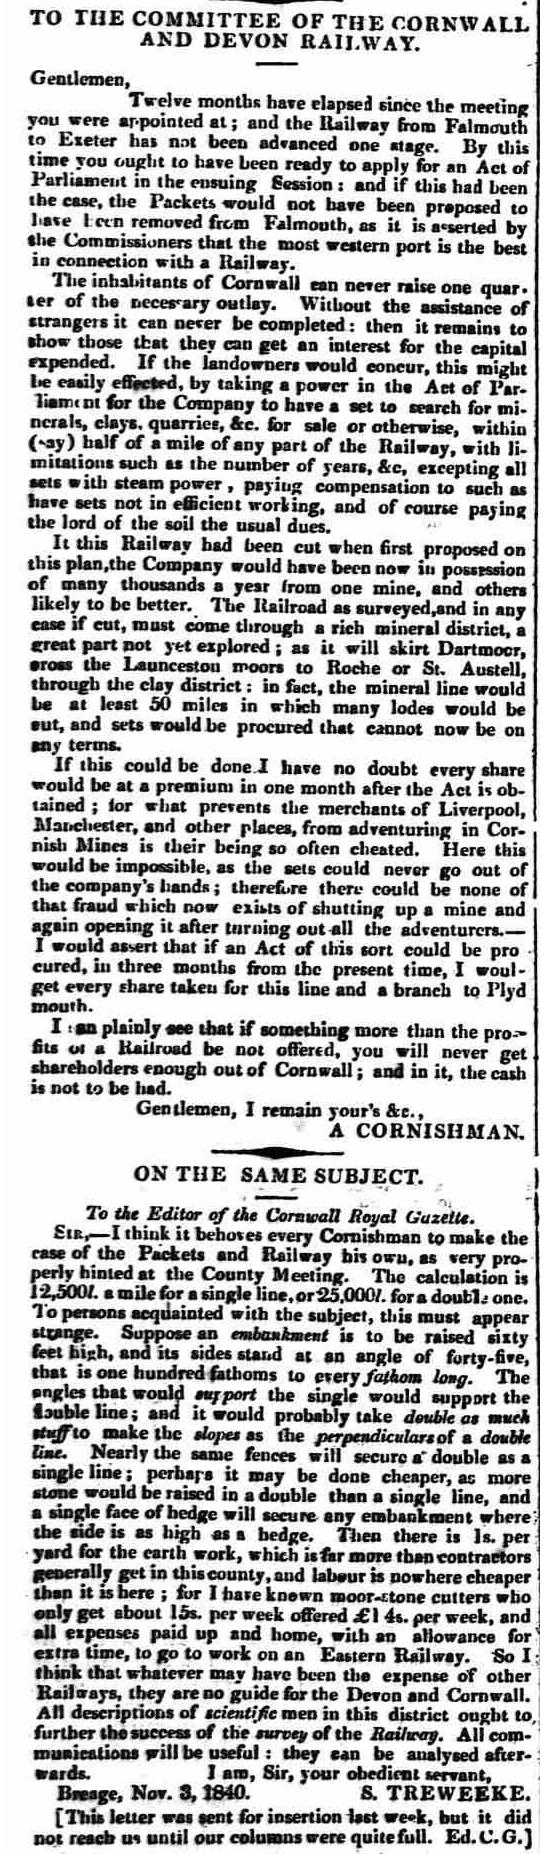 13 November 1840